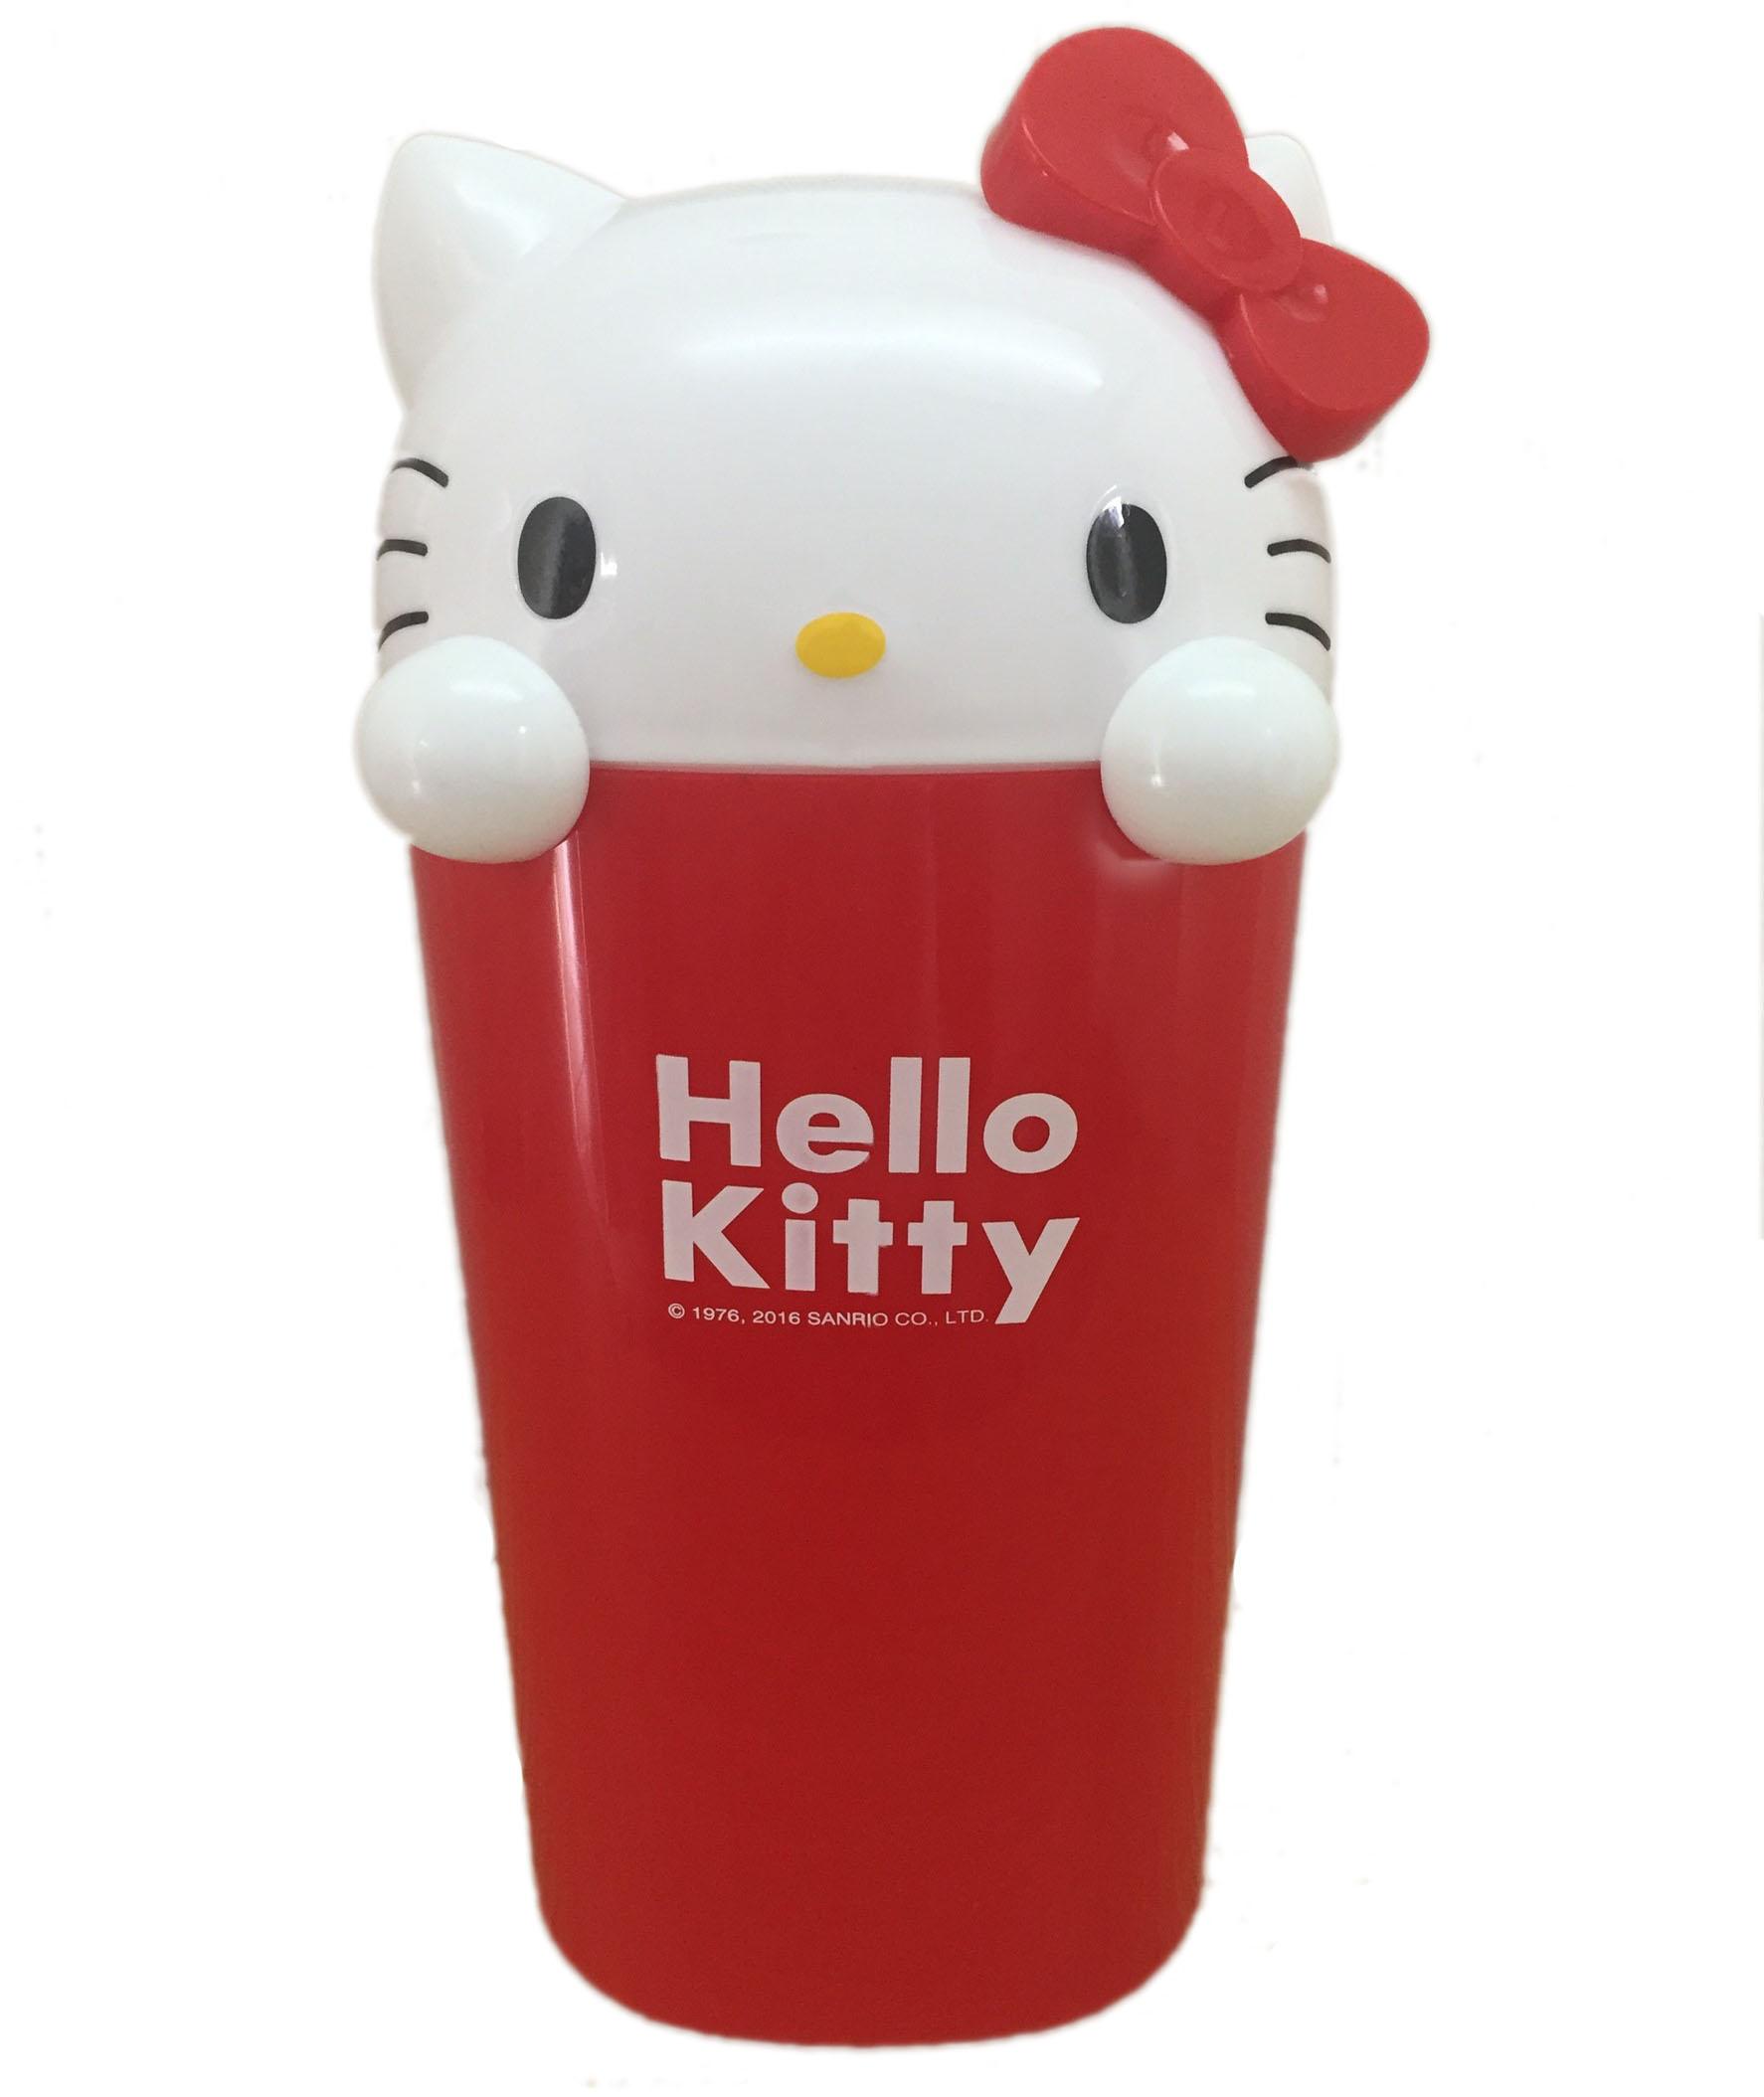 【真愛日本】16071900001造型垃圾桶-KT大臉紅  三麗鷗 Hello Kitty 凱蒂貓  居家 收納桶 正品 限量